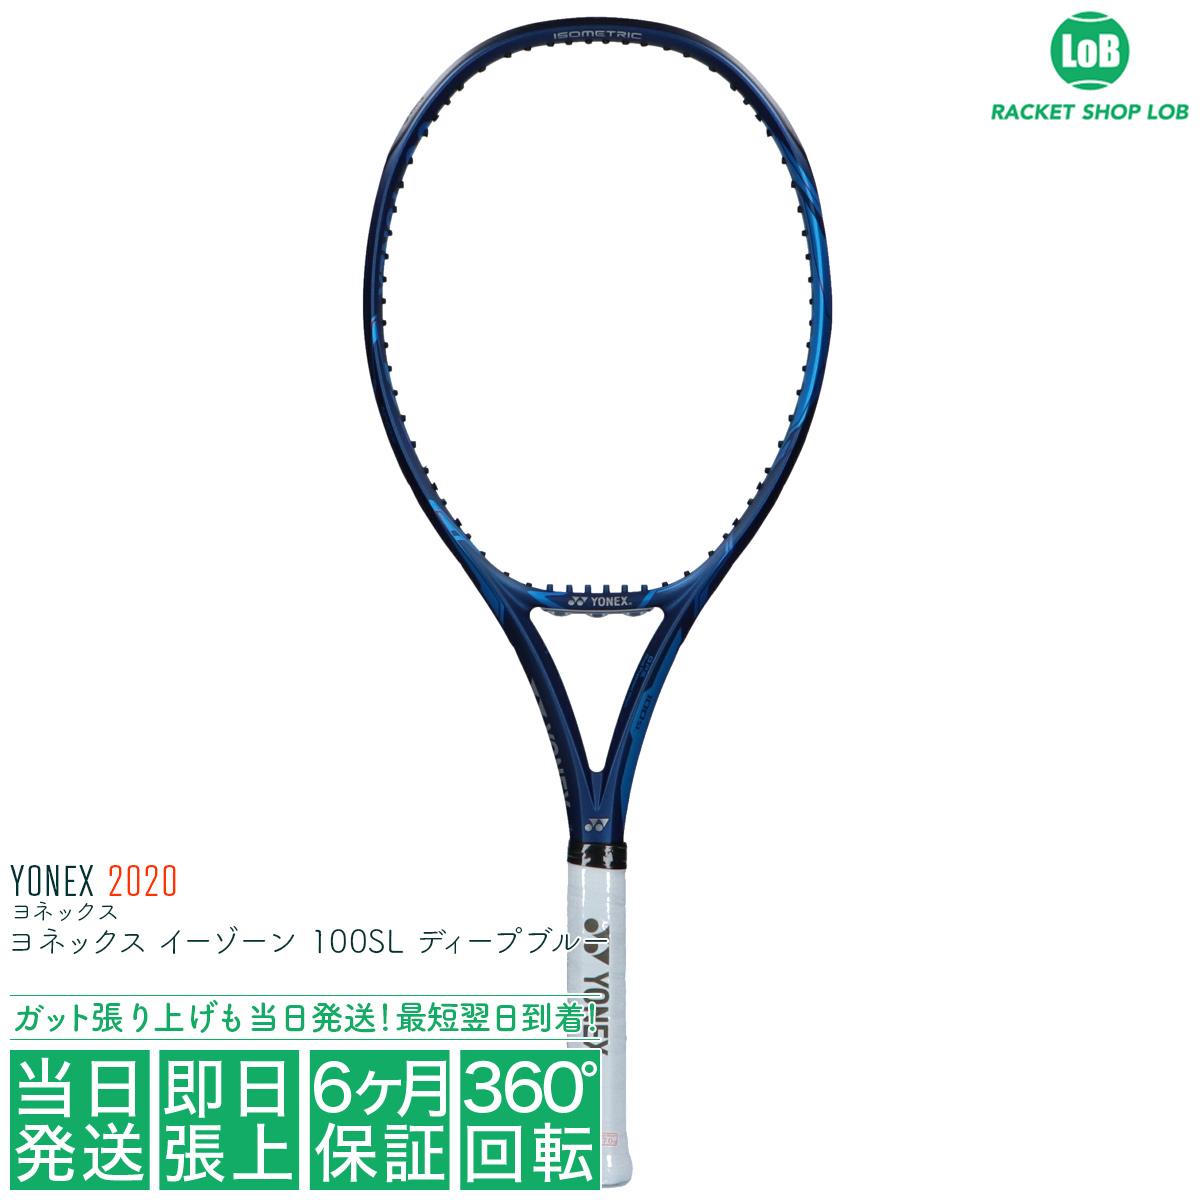 【クーポン利用で5%OFF!】【送料無料】【国内正規品】ヨネックス イーゾーン 100SL ディープブルー 2020(YONEX EZONE 100SL DEEP BLUE)270g 06EZ100S 566 硬式テニスラケット